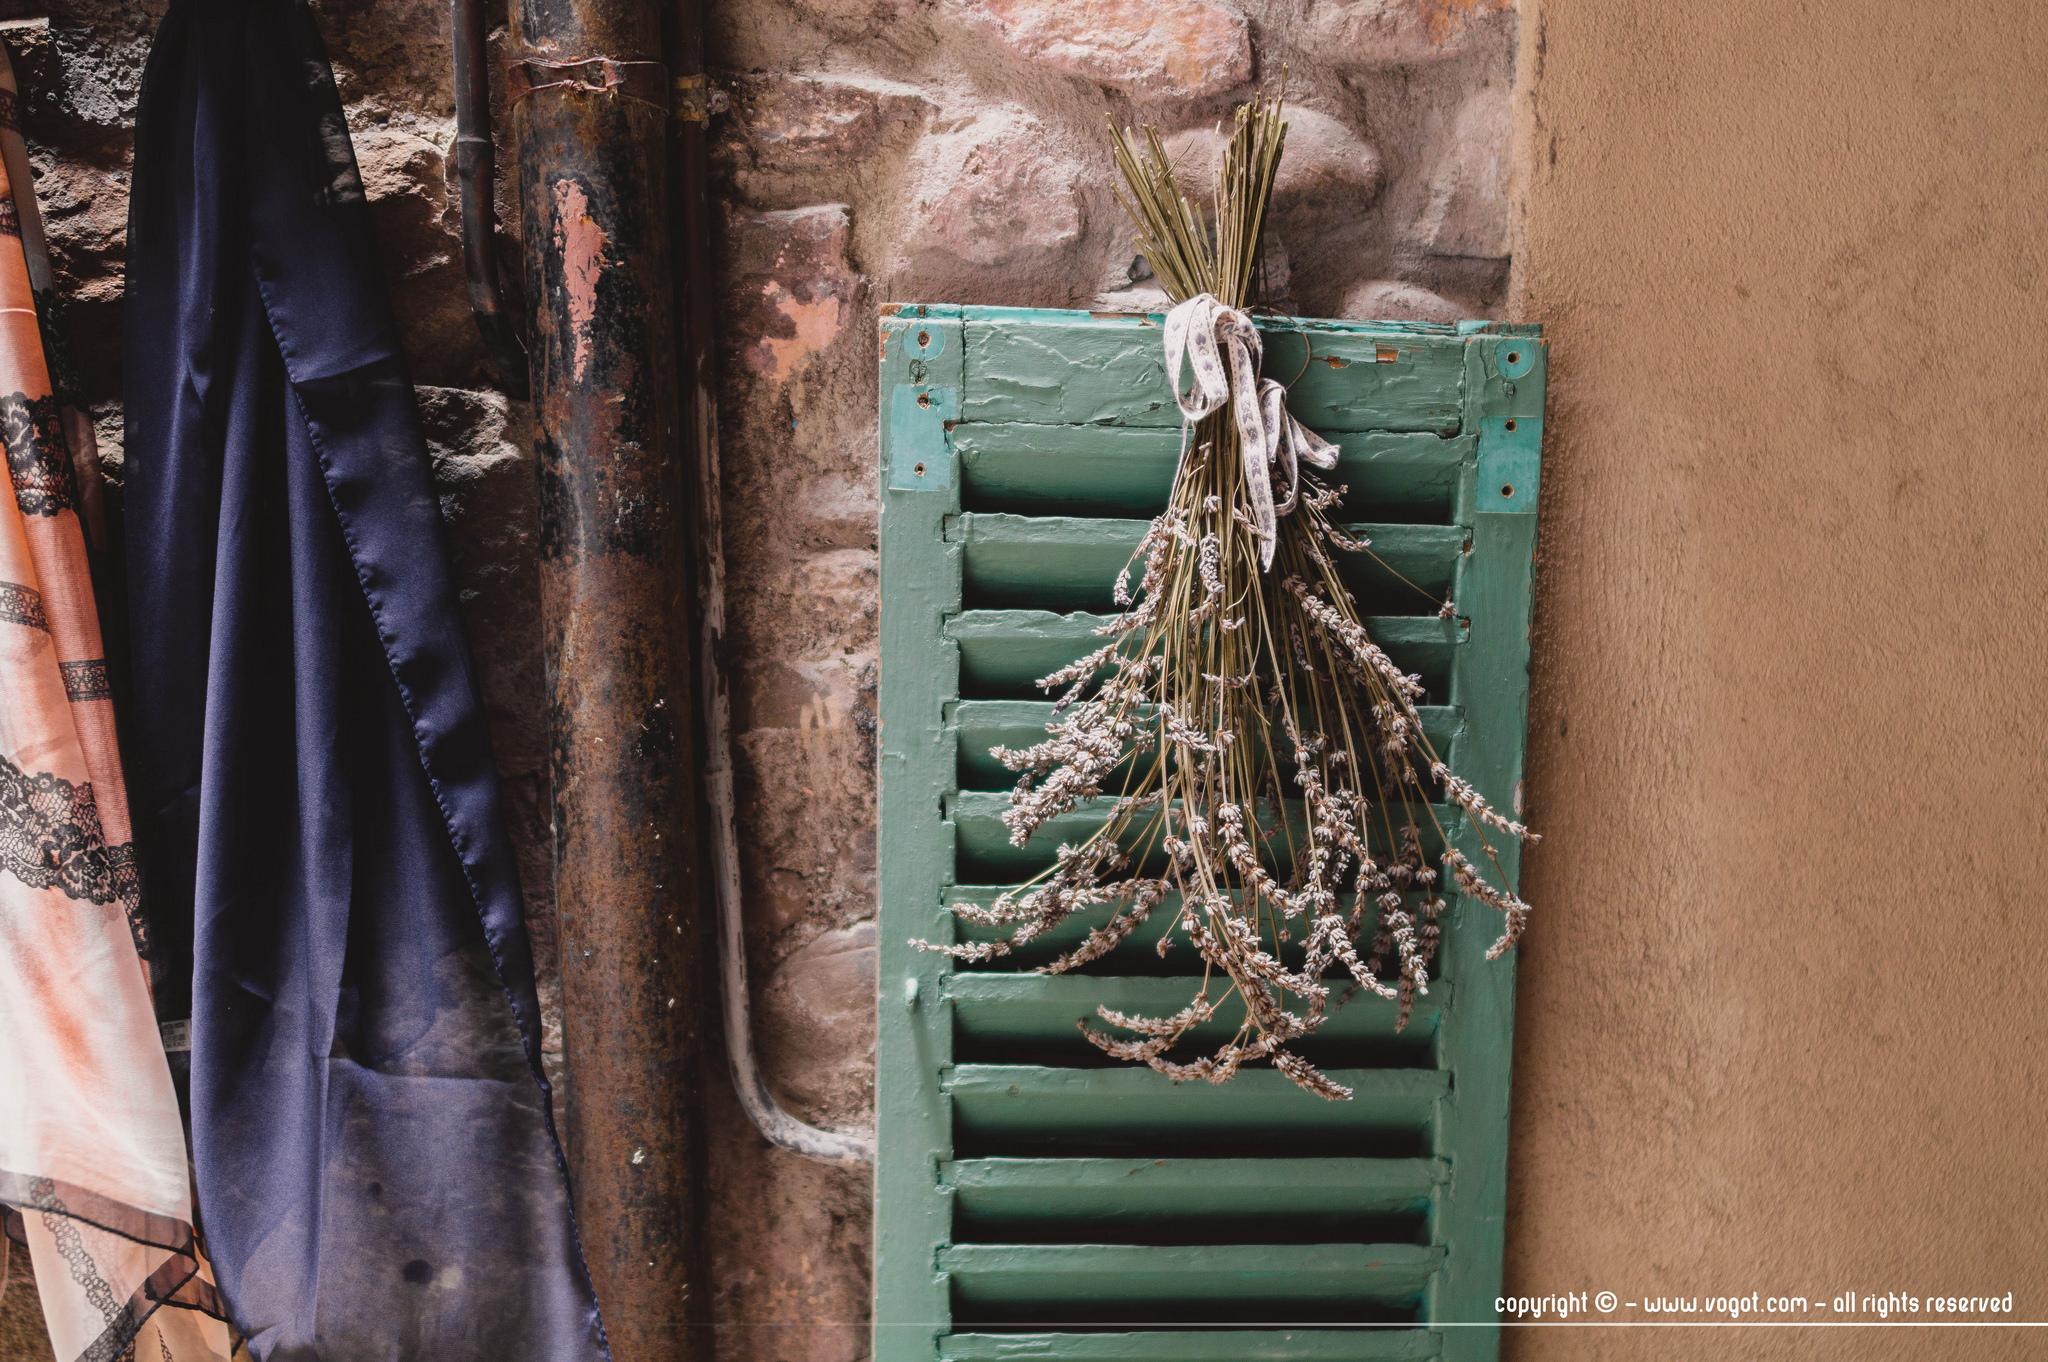 dolceacqua - détail d'un bouquet de lavande suspendu sur un volet vert